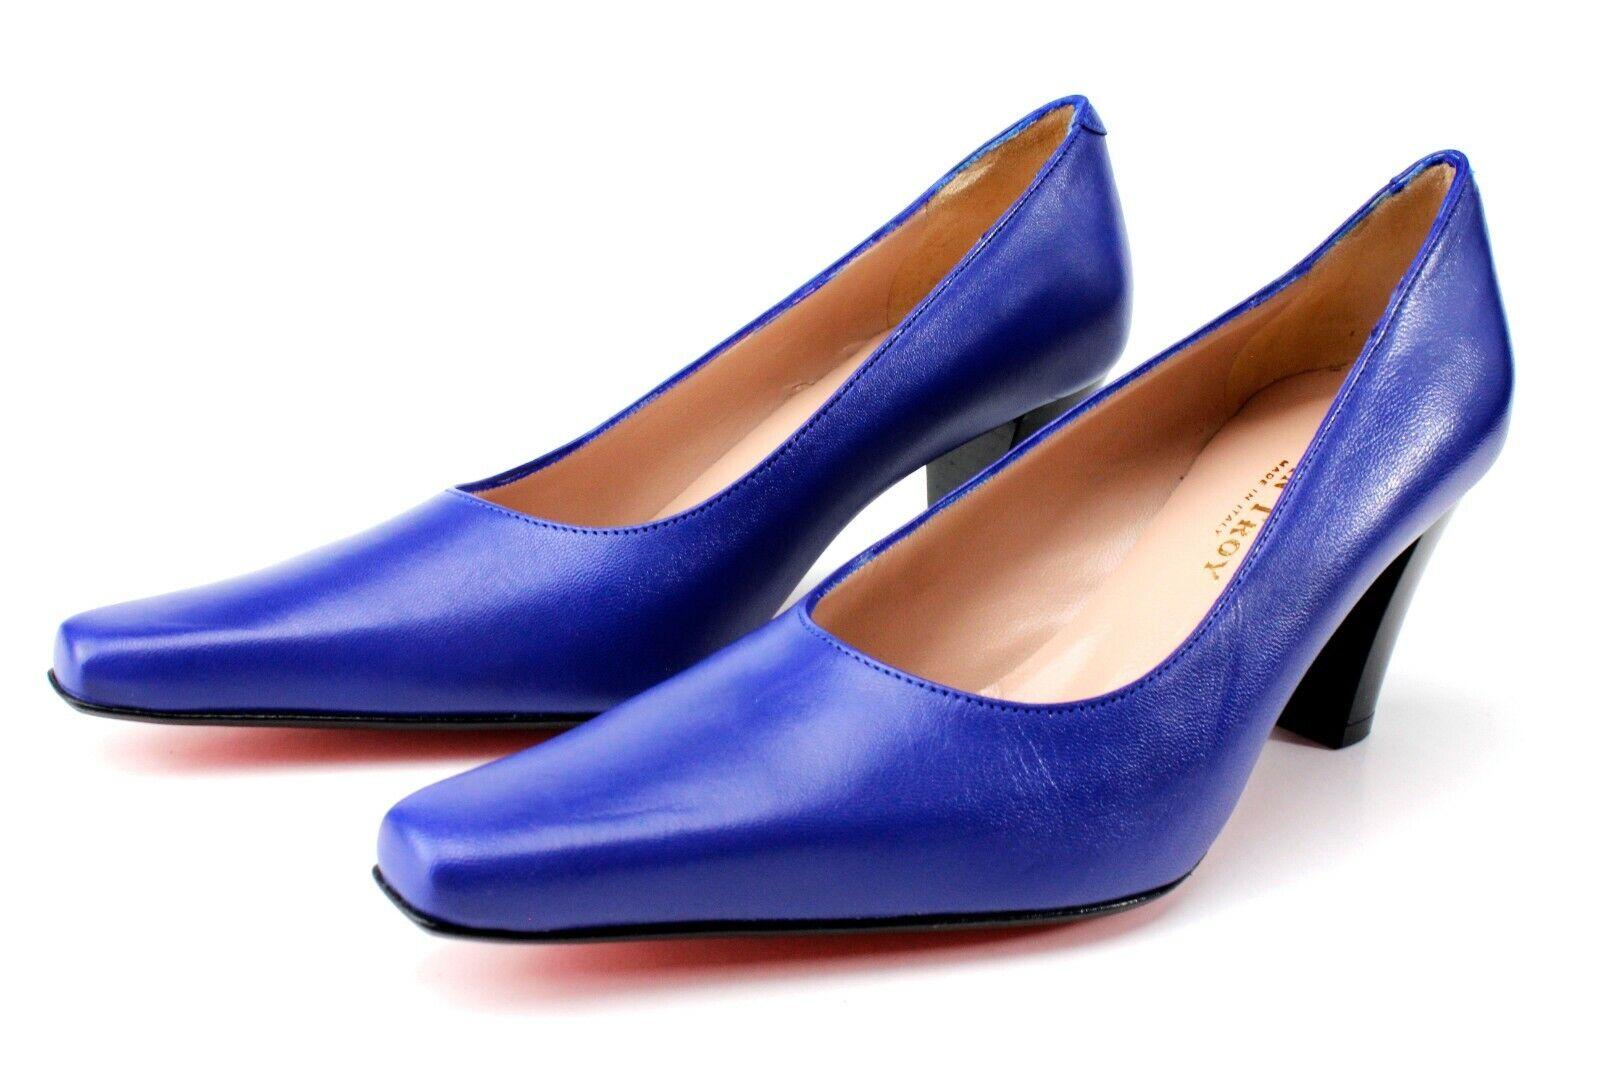 Ivan Troy Bibi azul, zapatos de oficina, tacones de 3 pulgadas, fabricado en Italia